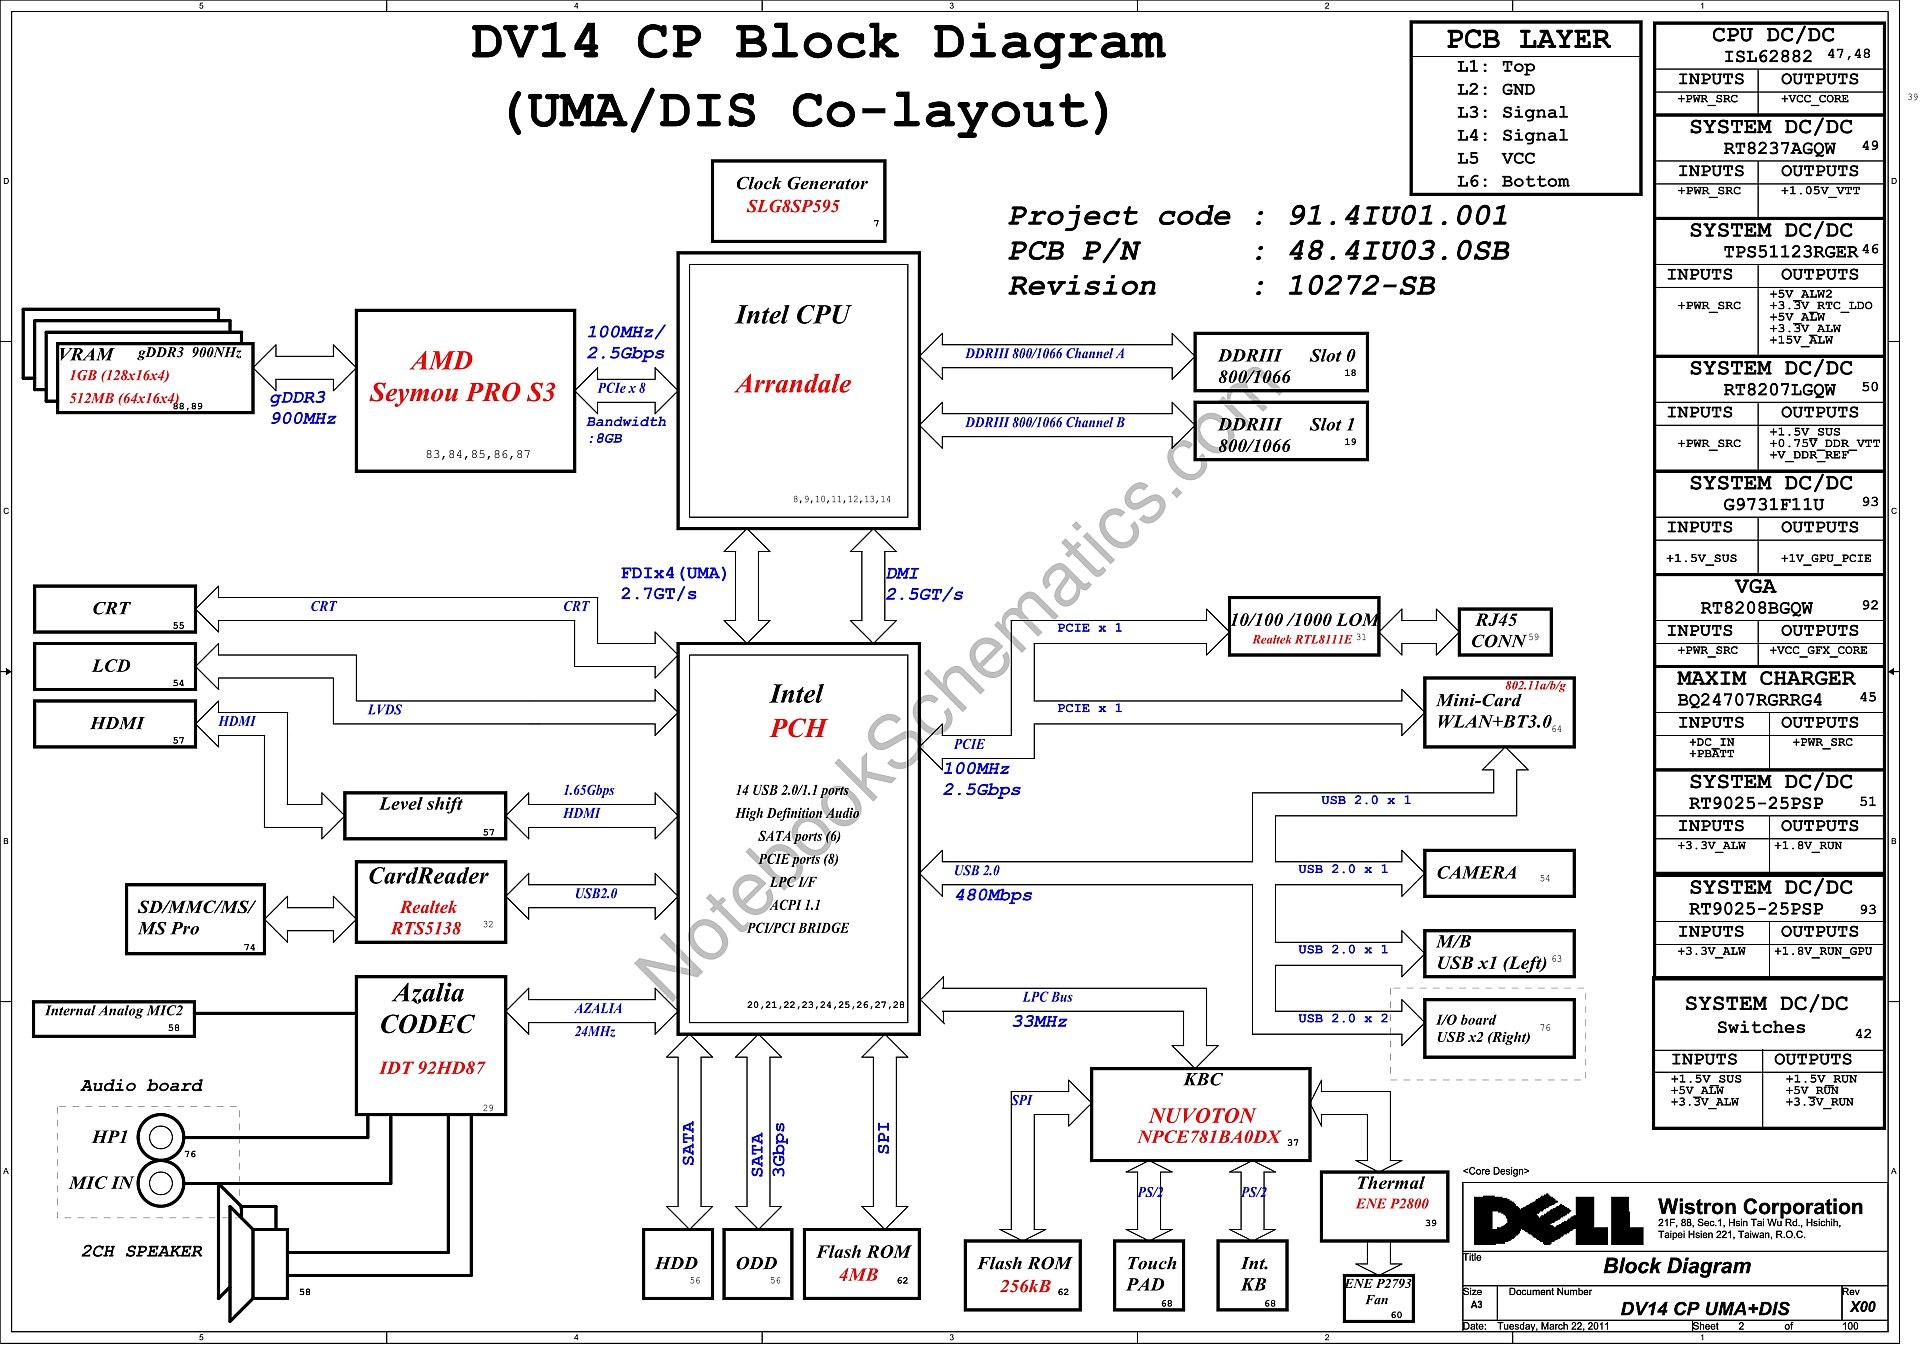 dell vostro 1440 schematic  u2013 wistron dv14 cp uma dis schematic